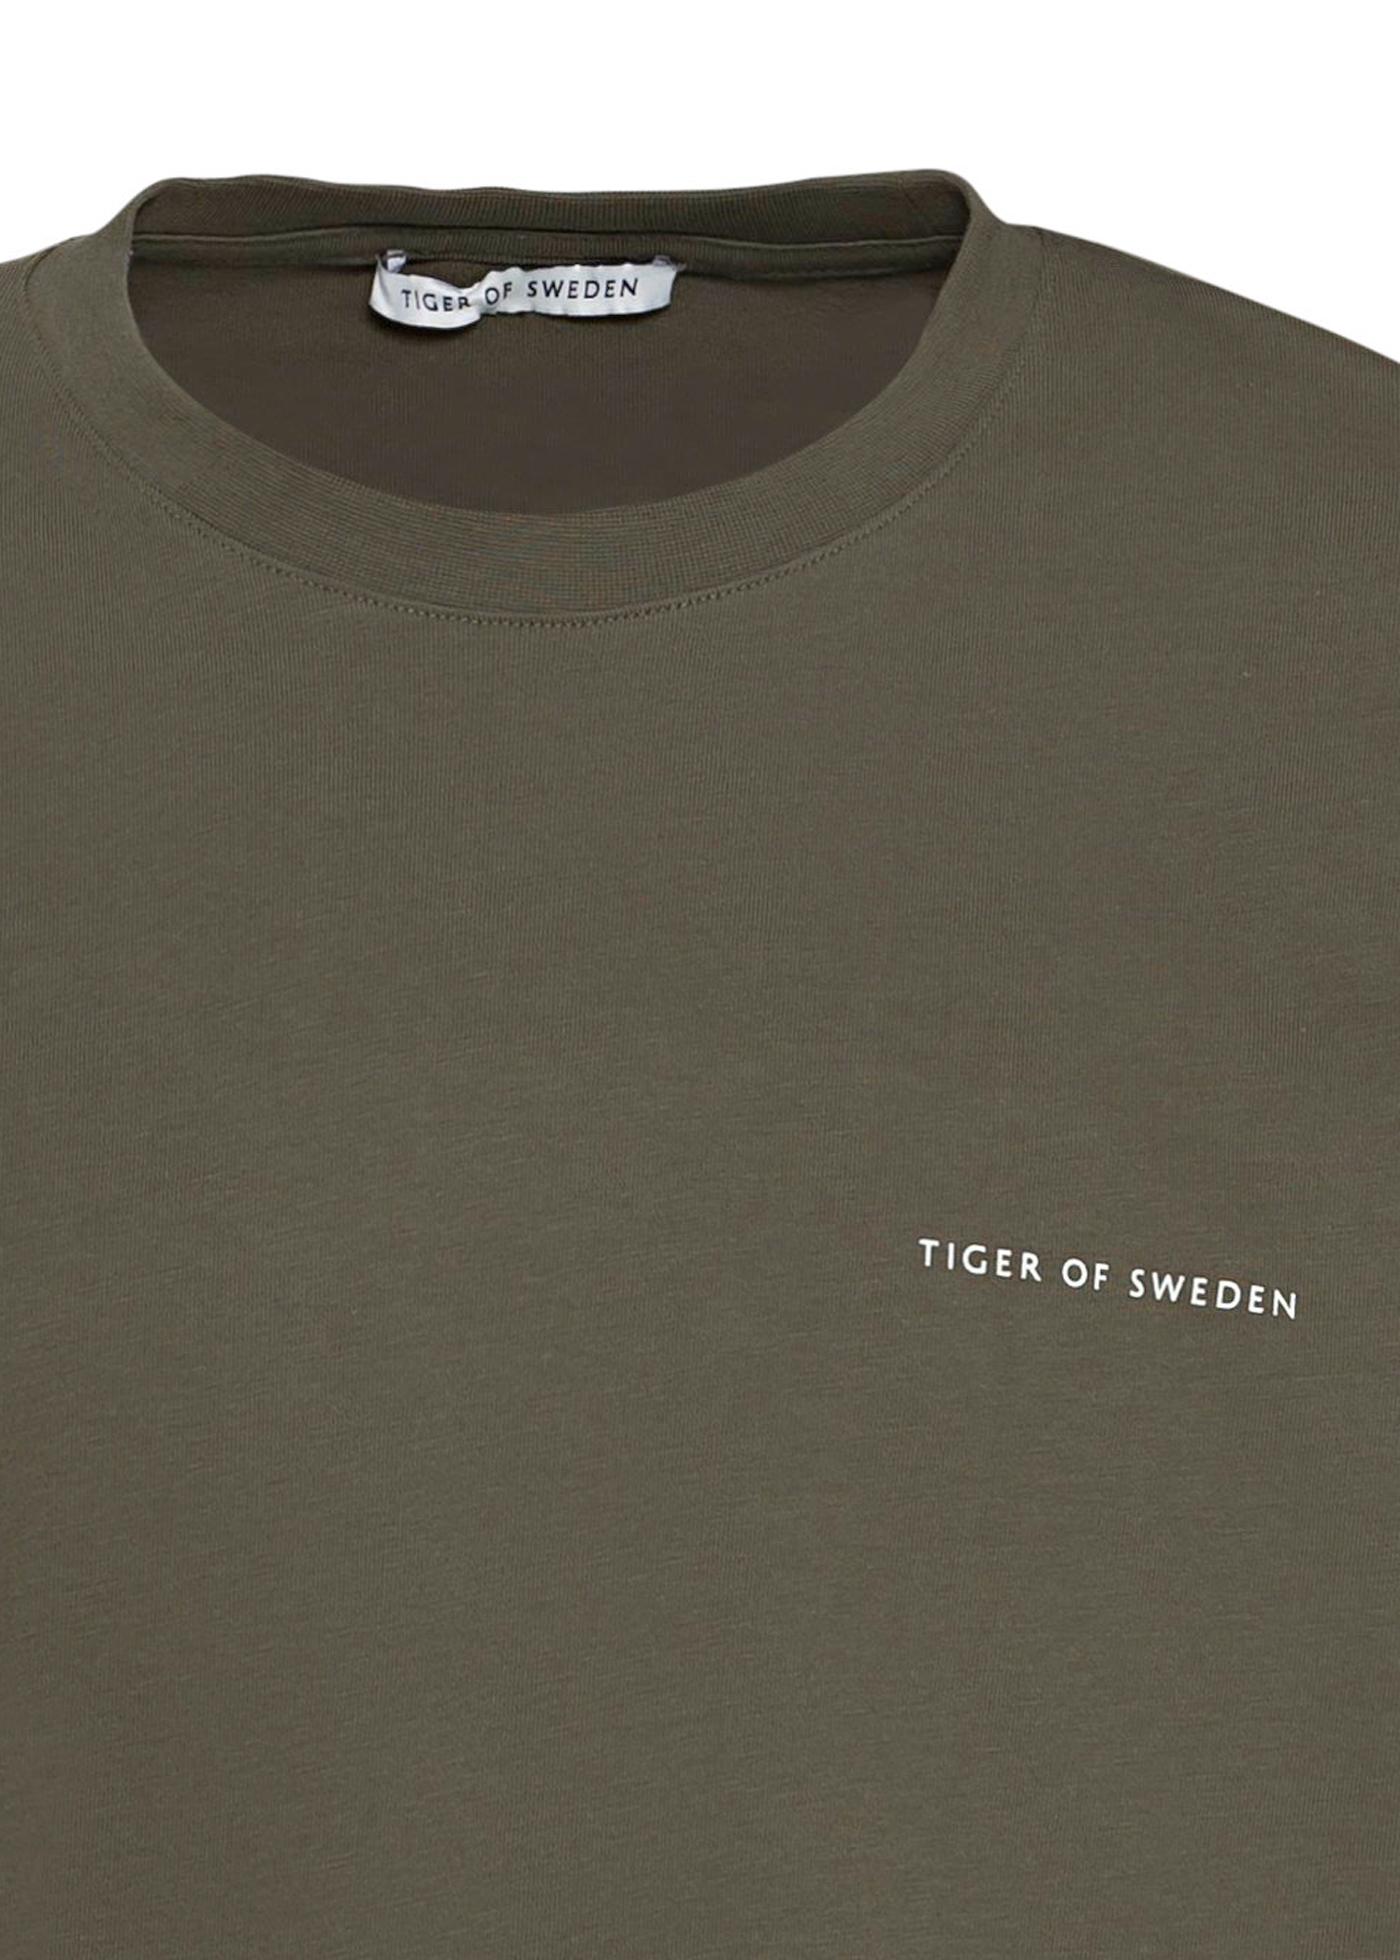 PRO. T-Shirt 4V2 XXL image number 2